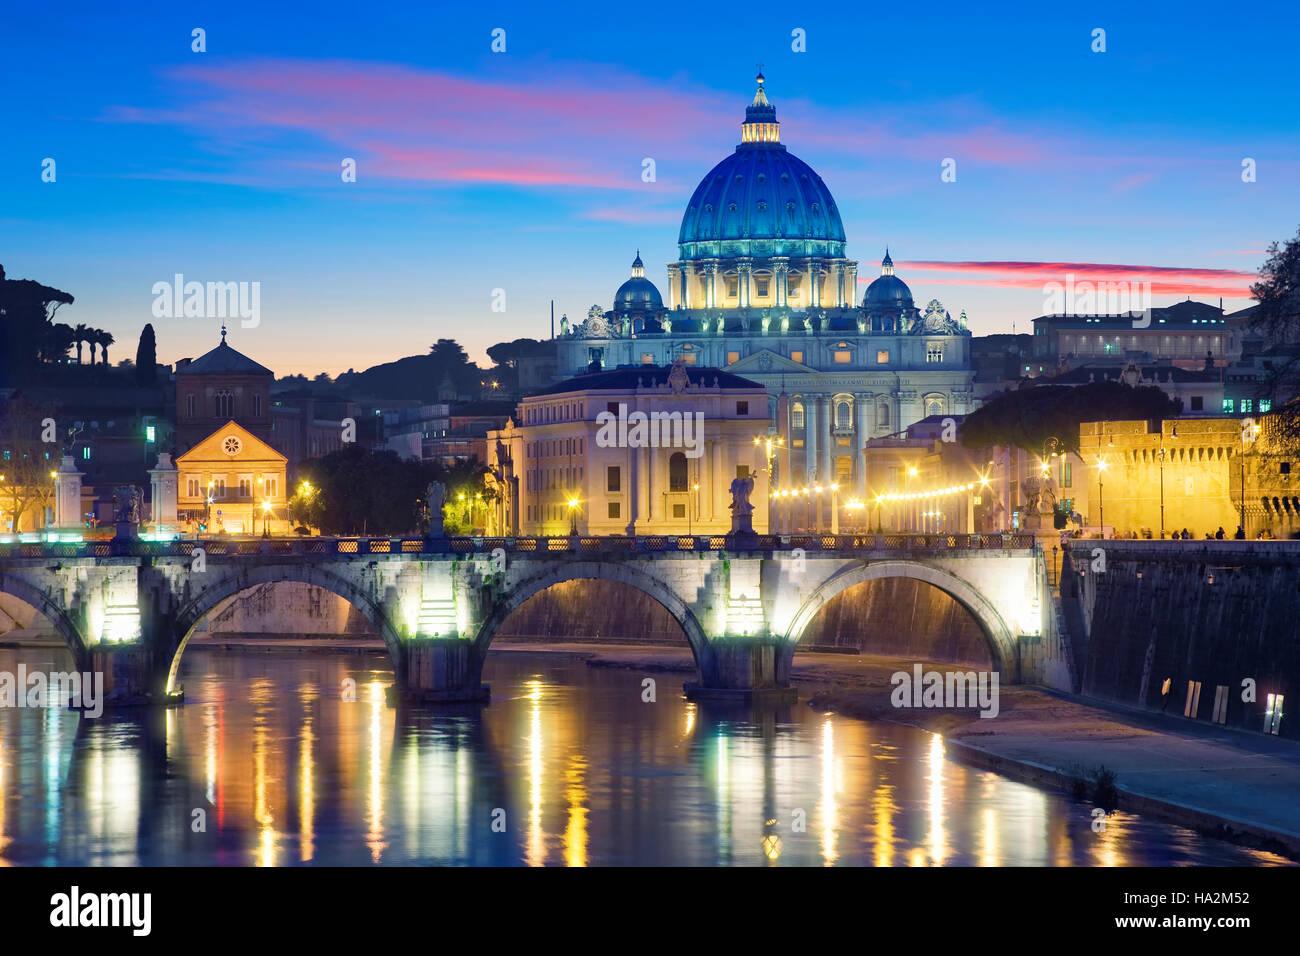 La Basilica di San Pietro in Roma, Italia Immagini Stock